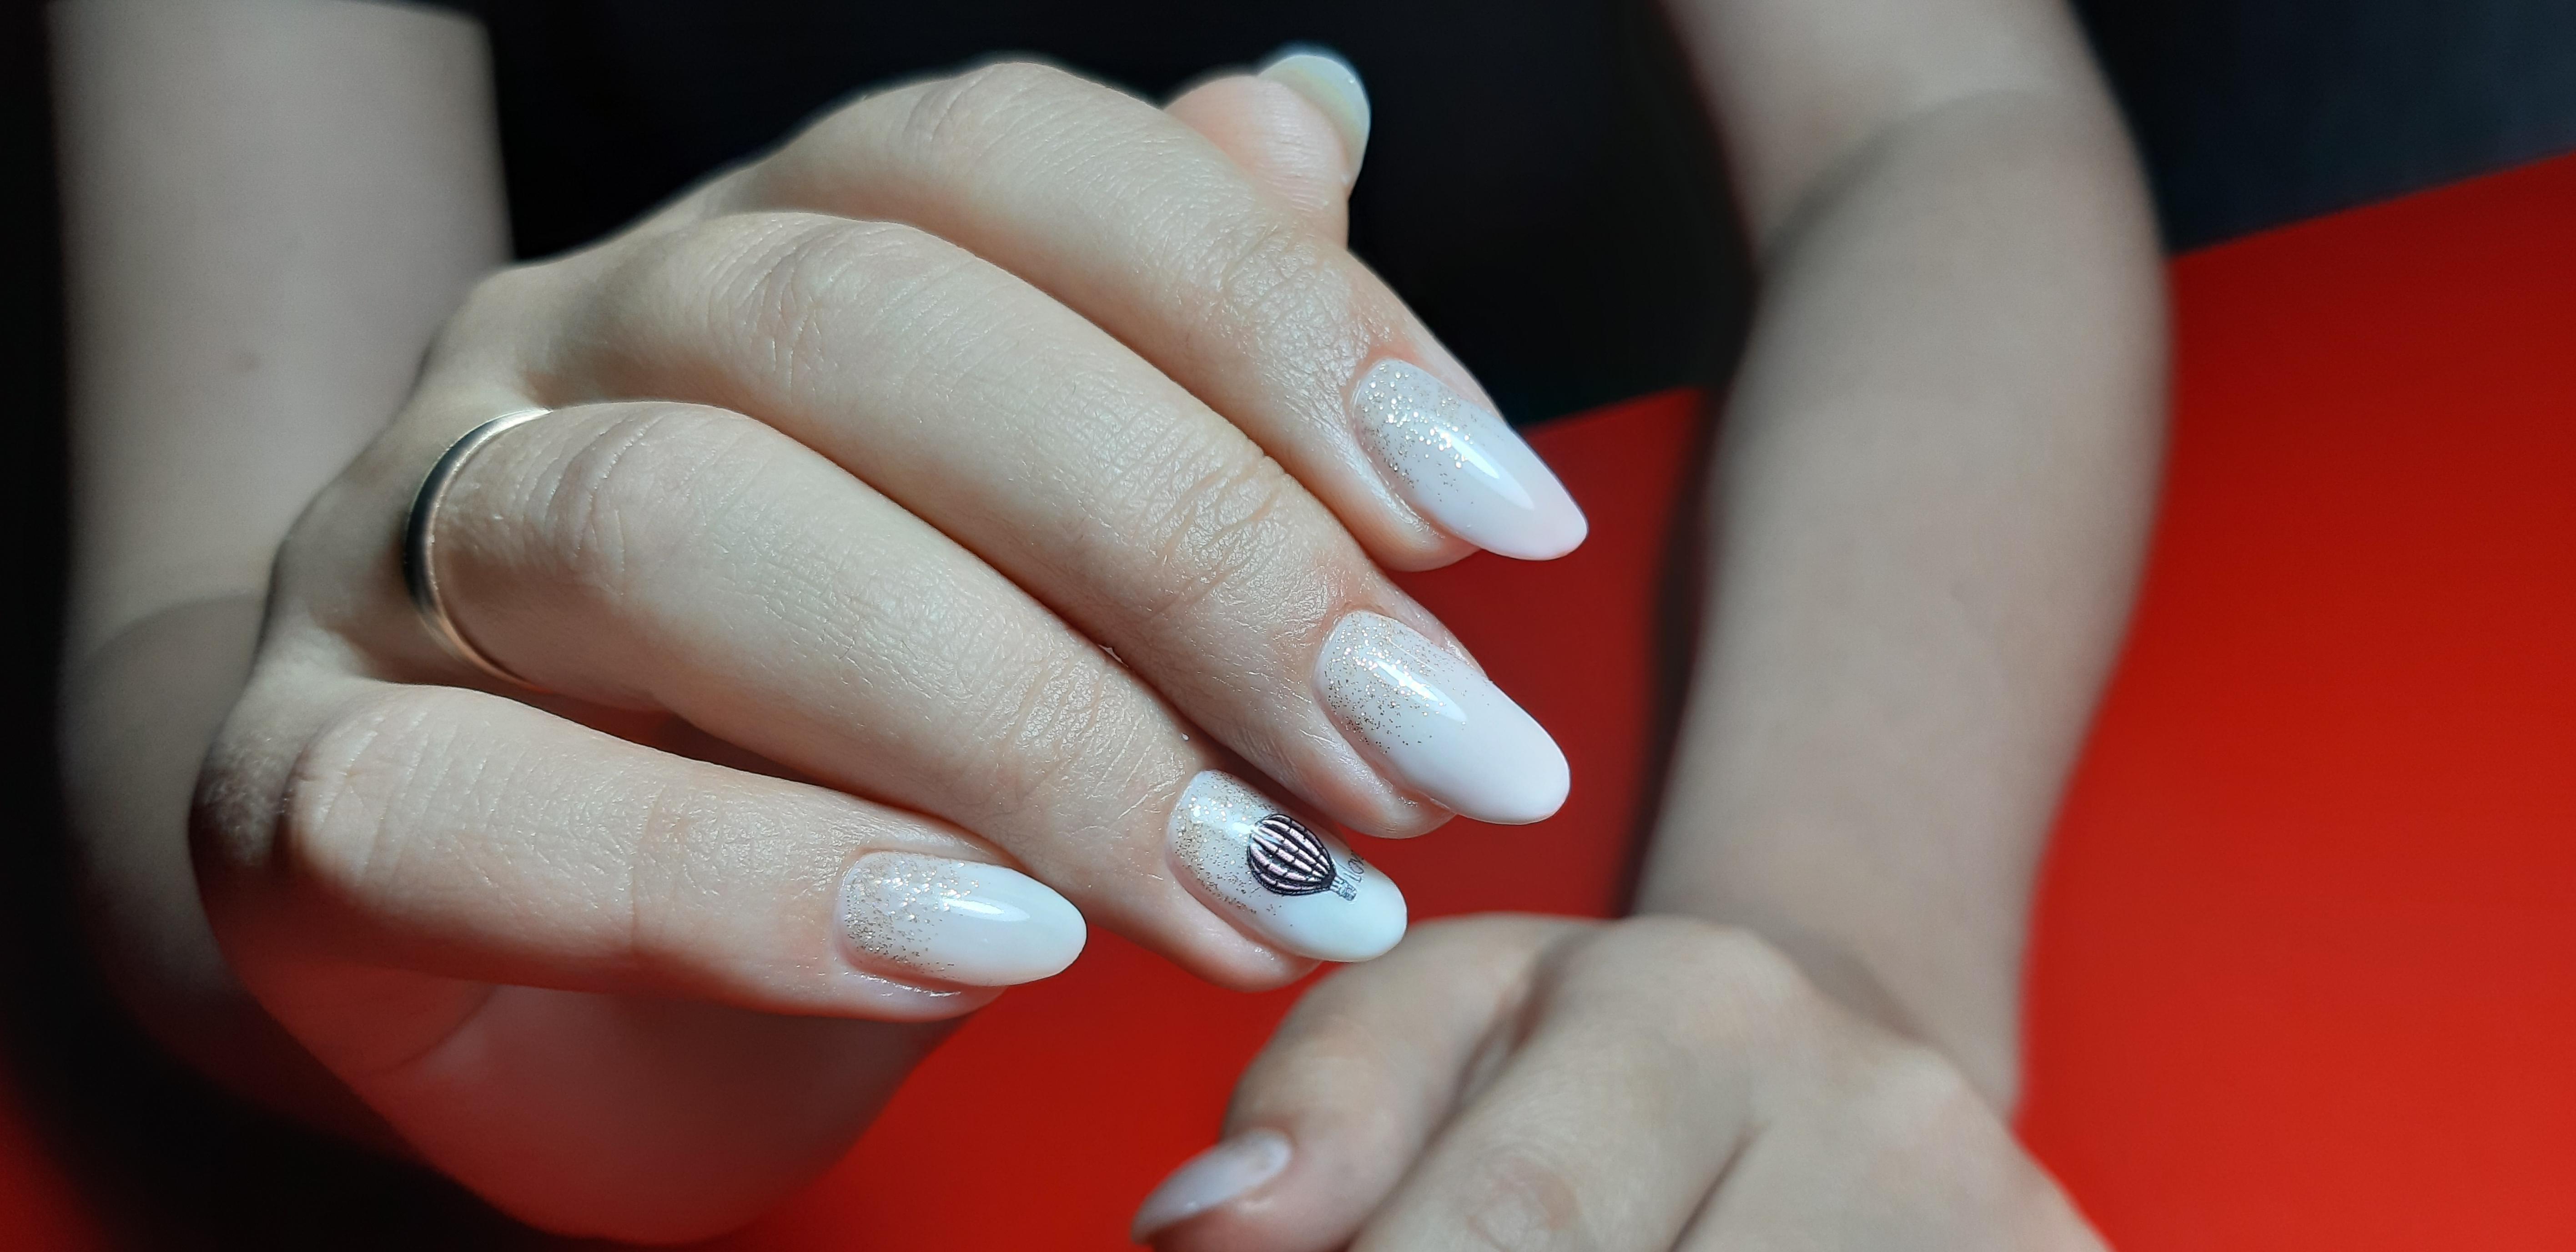 Маникюр со слайдерами и блестками в молочном цвете на длинные ногти.